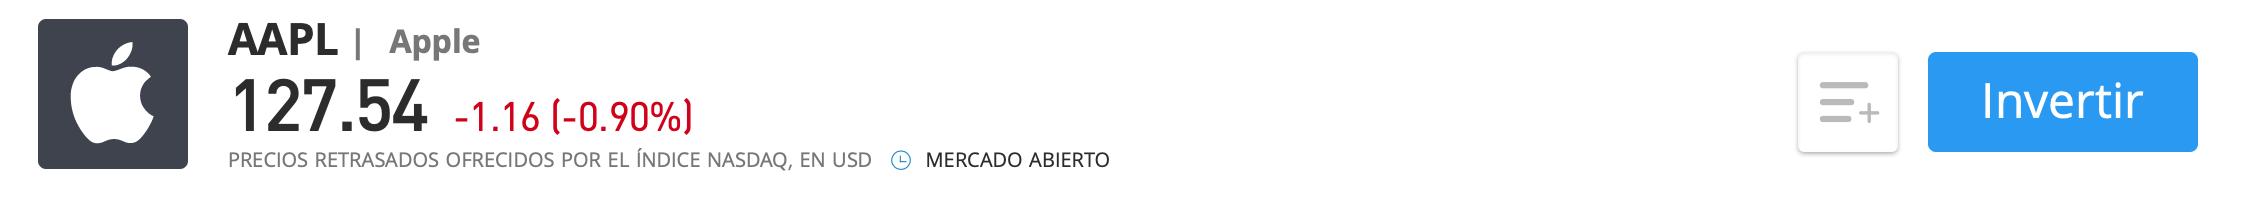 Acciones Apple eToro